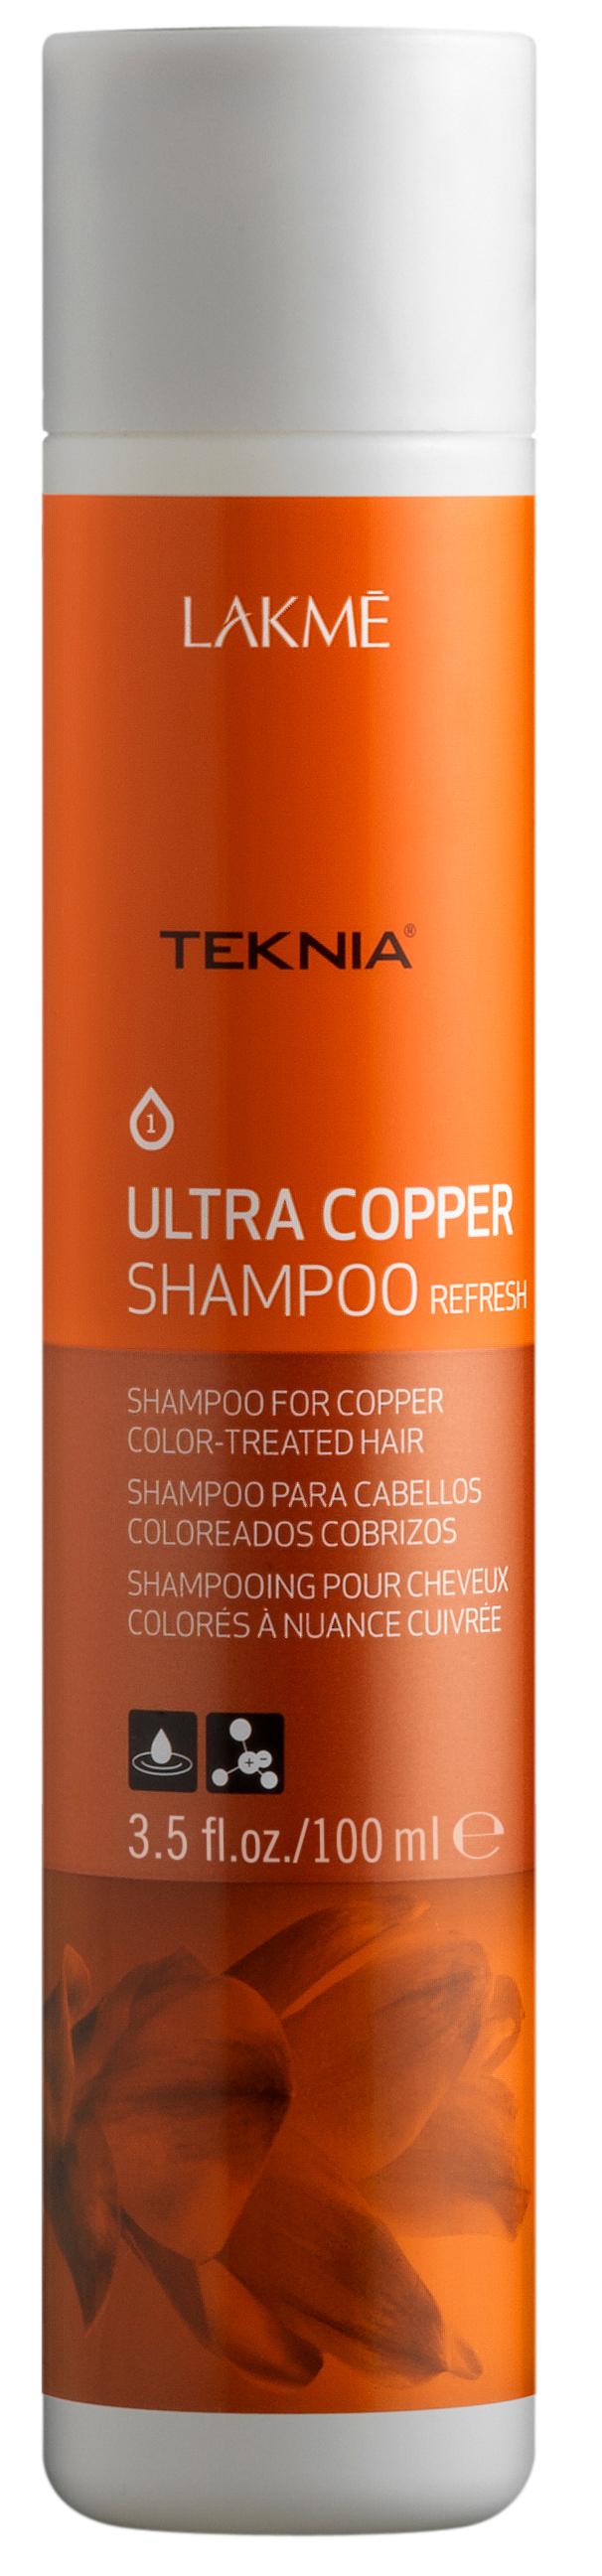 Lakme шампунь для поддержания оттенка окрашенных волос, медный / ultra copper shampoo 100 мл